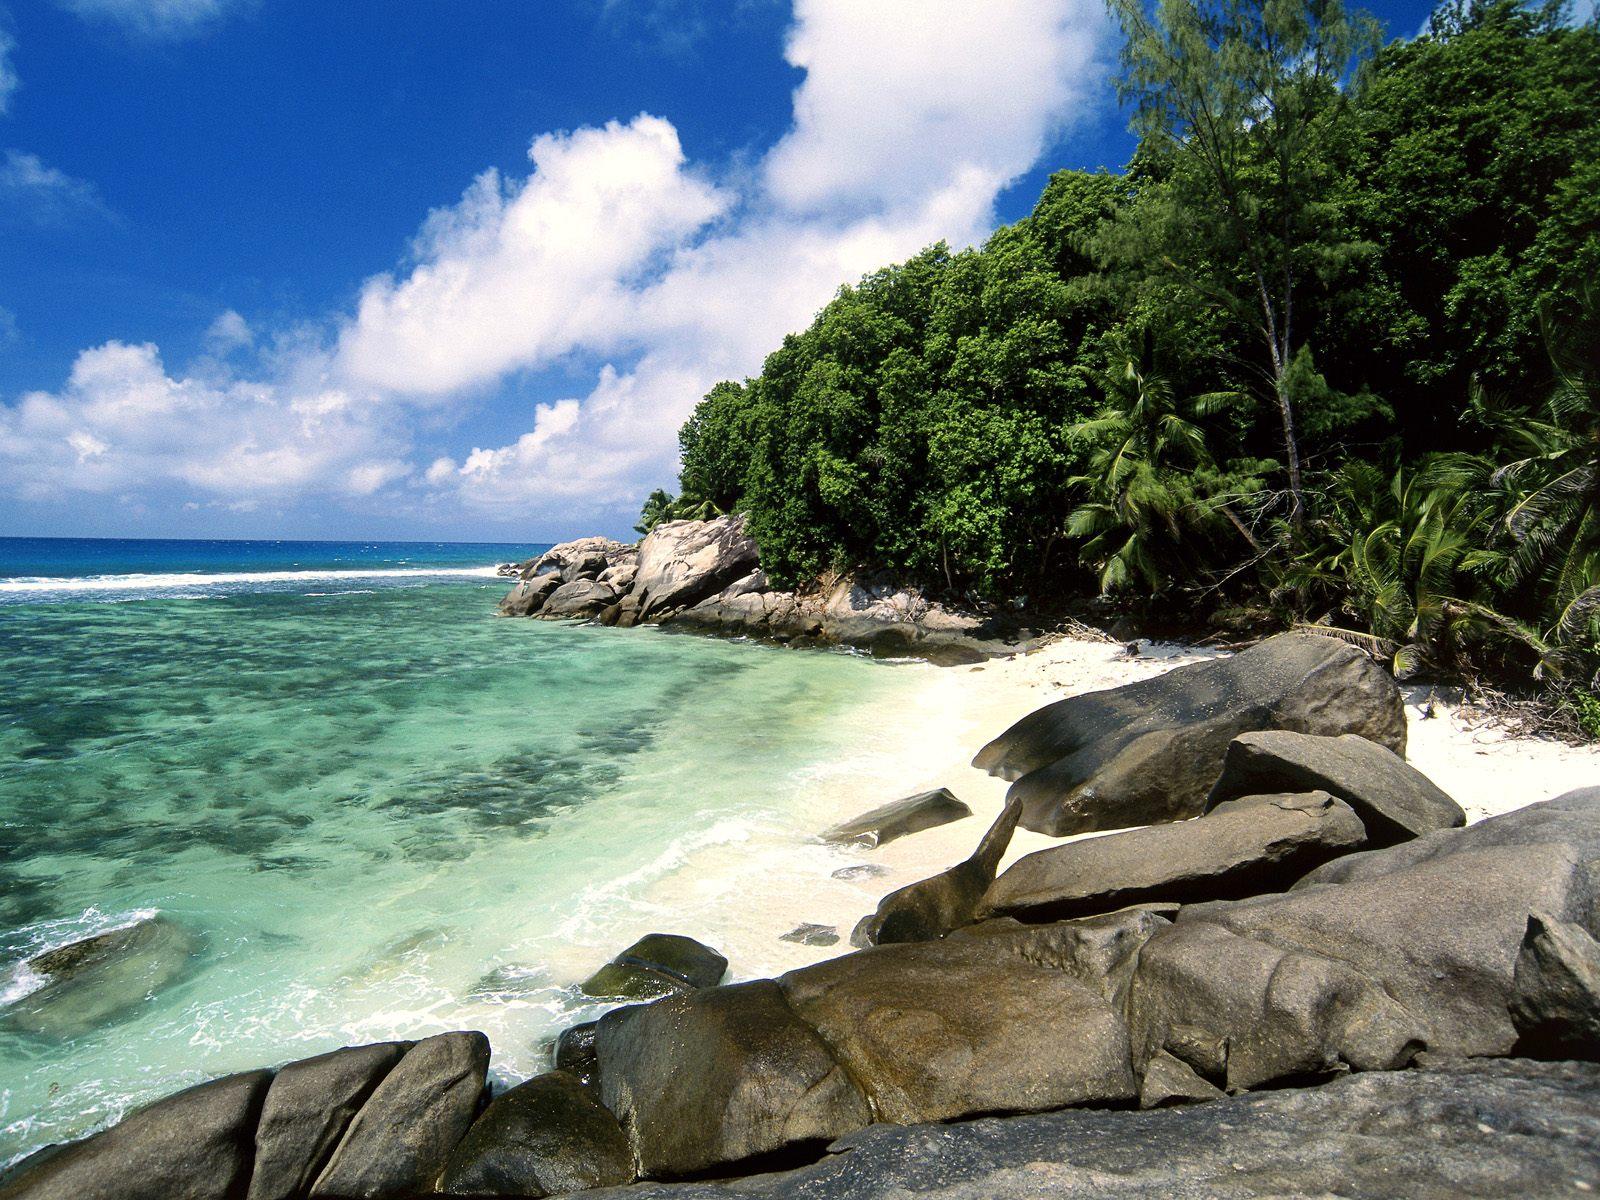 Seychelles Islands, Africa, Pirate Cove, Moyenne Island